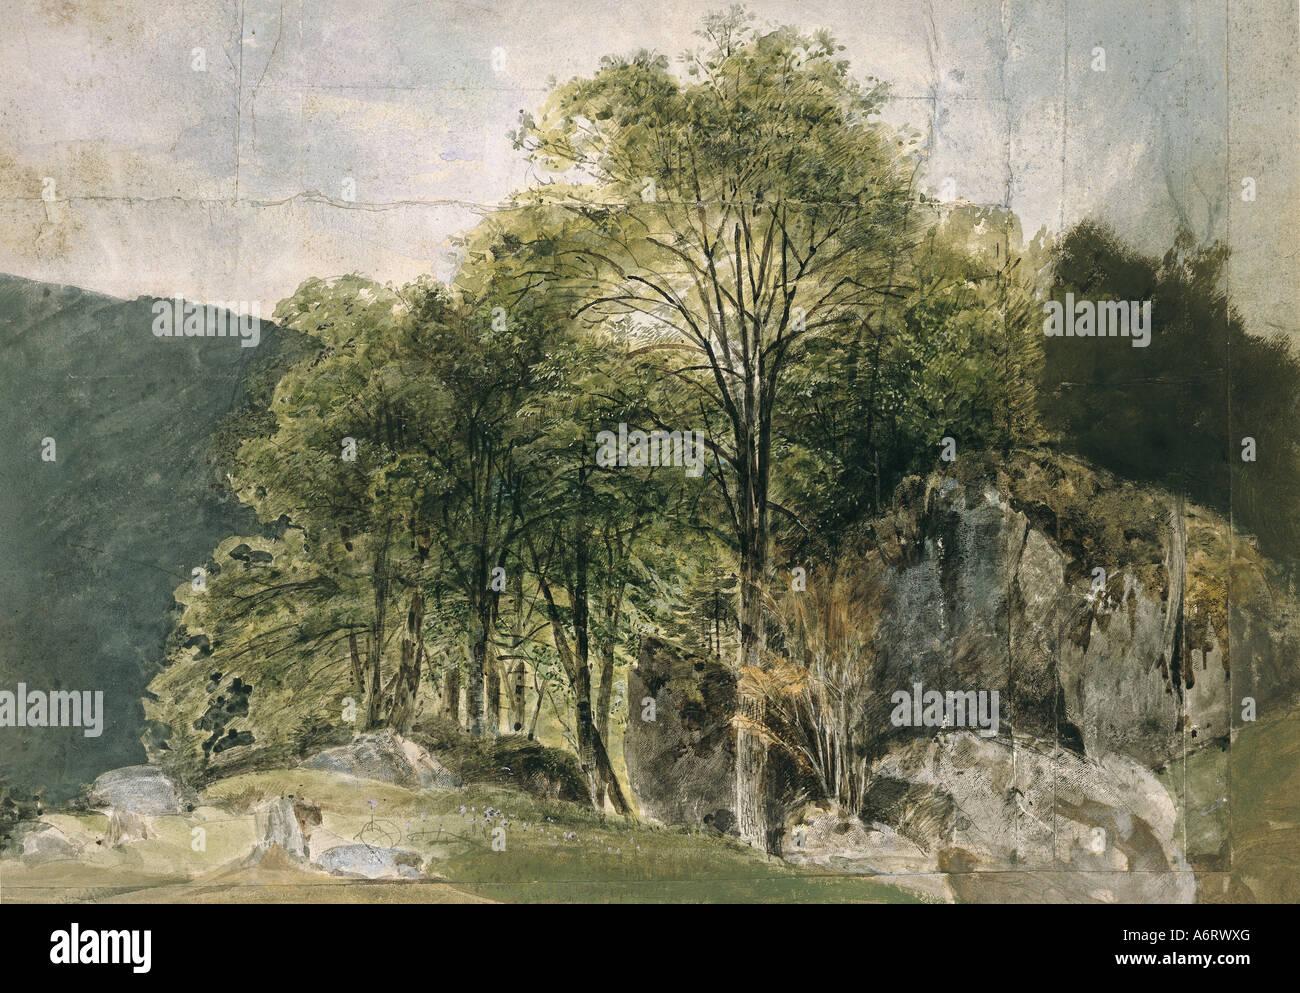 Beaux-arts, romantisme, peinture, la hêtraie dans les contreforts des Alpes, aquarelle de Kaiser, 19e siècle, 36x44,2 Banque D'Images